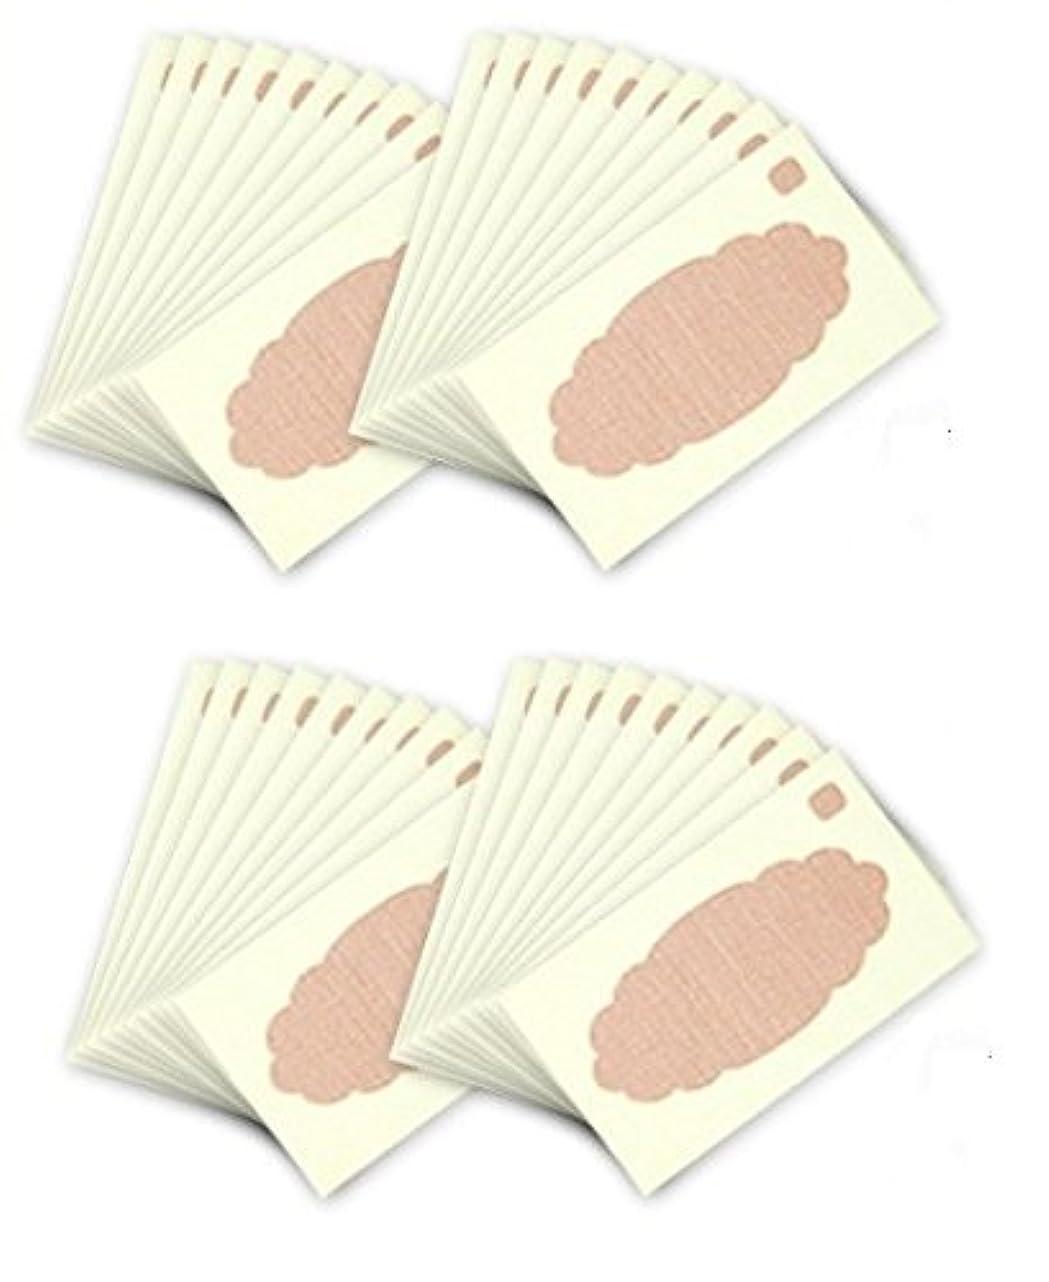 挨拶する時少なくとも汗取りパッド ワキに直接貼る汗とりシートワイド 20枚×2セット(たっぷり40枚 特別お得セット) ズレにくく汗を直接吸収!脇汗ジミ わき汗 対策